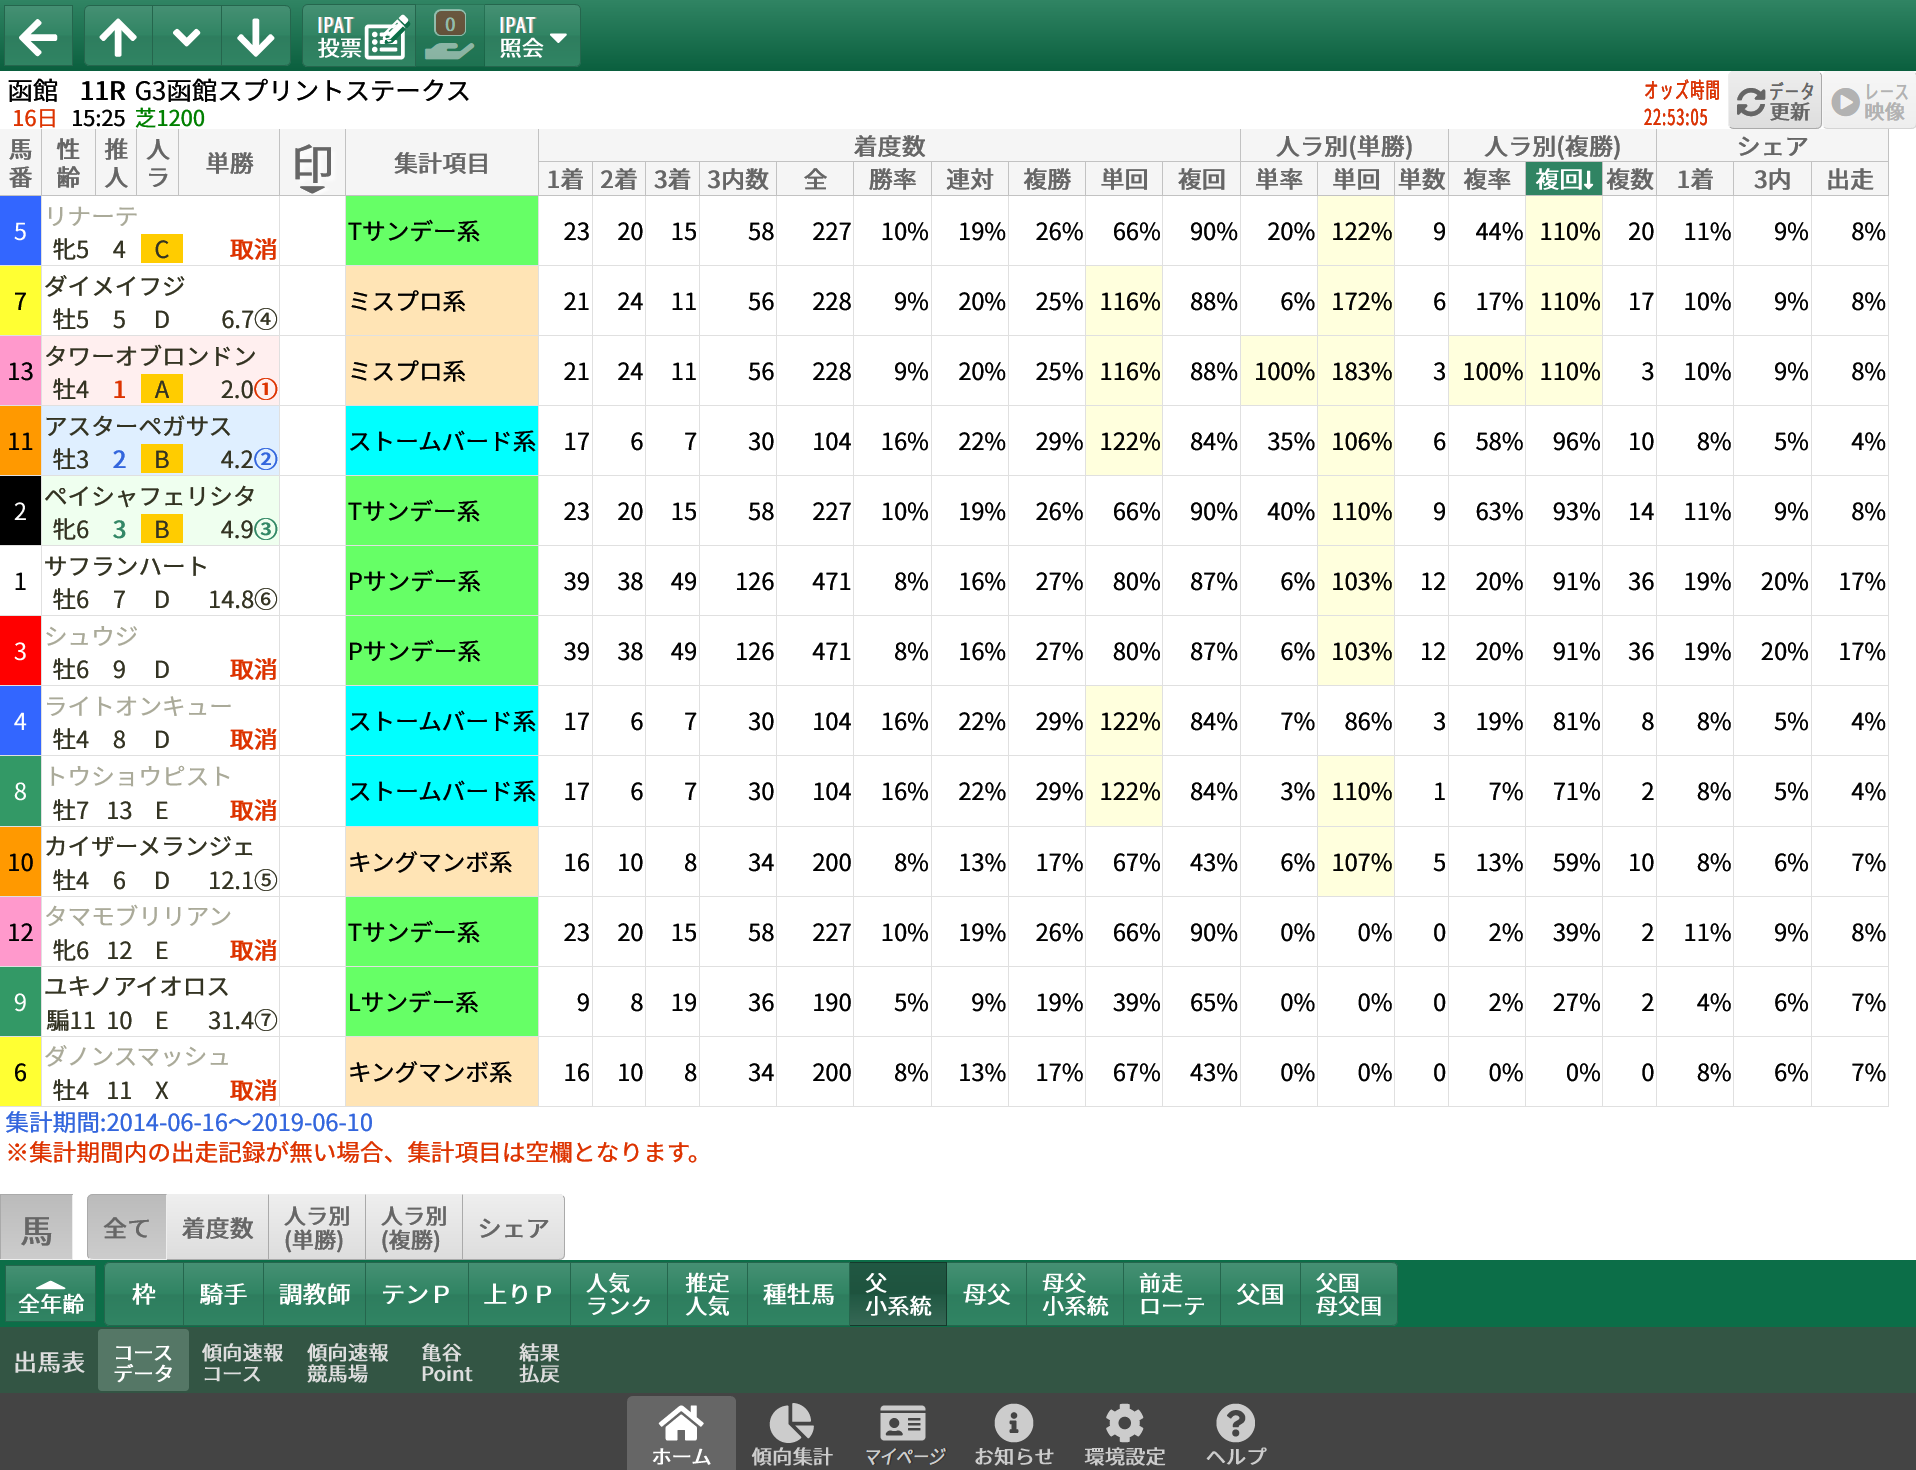 【無料公開】函館スプリントS / 亀谷サロン限定公開中のスマート出馬表・次期バージョン